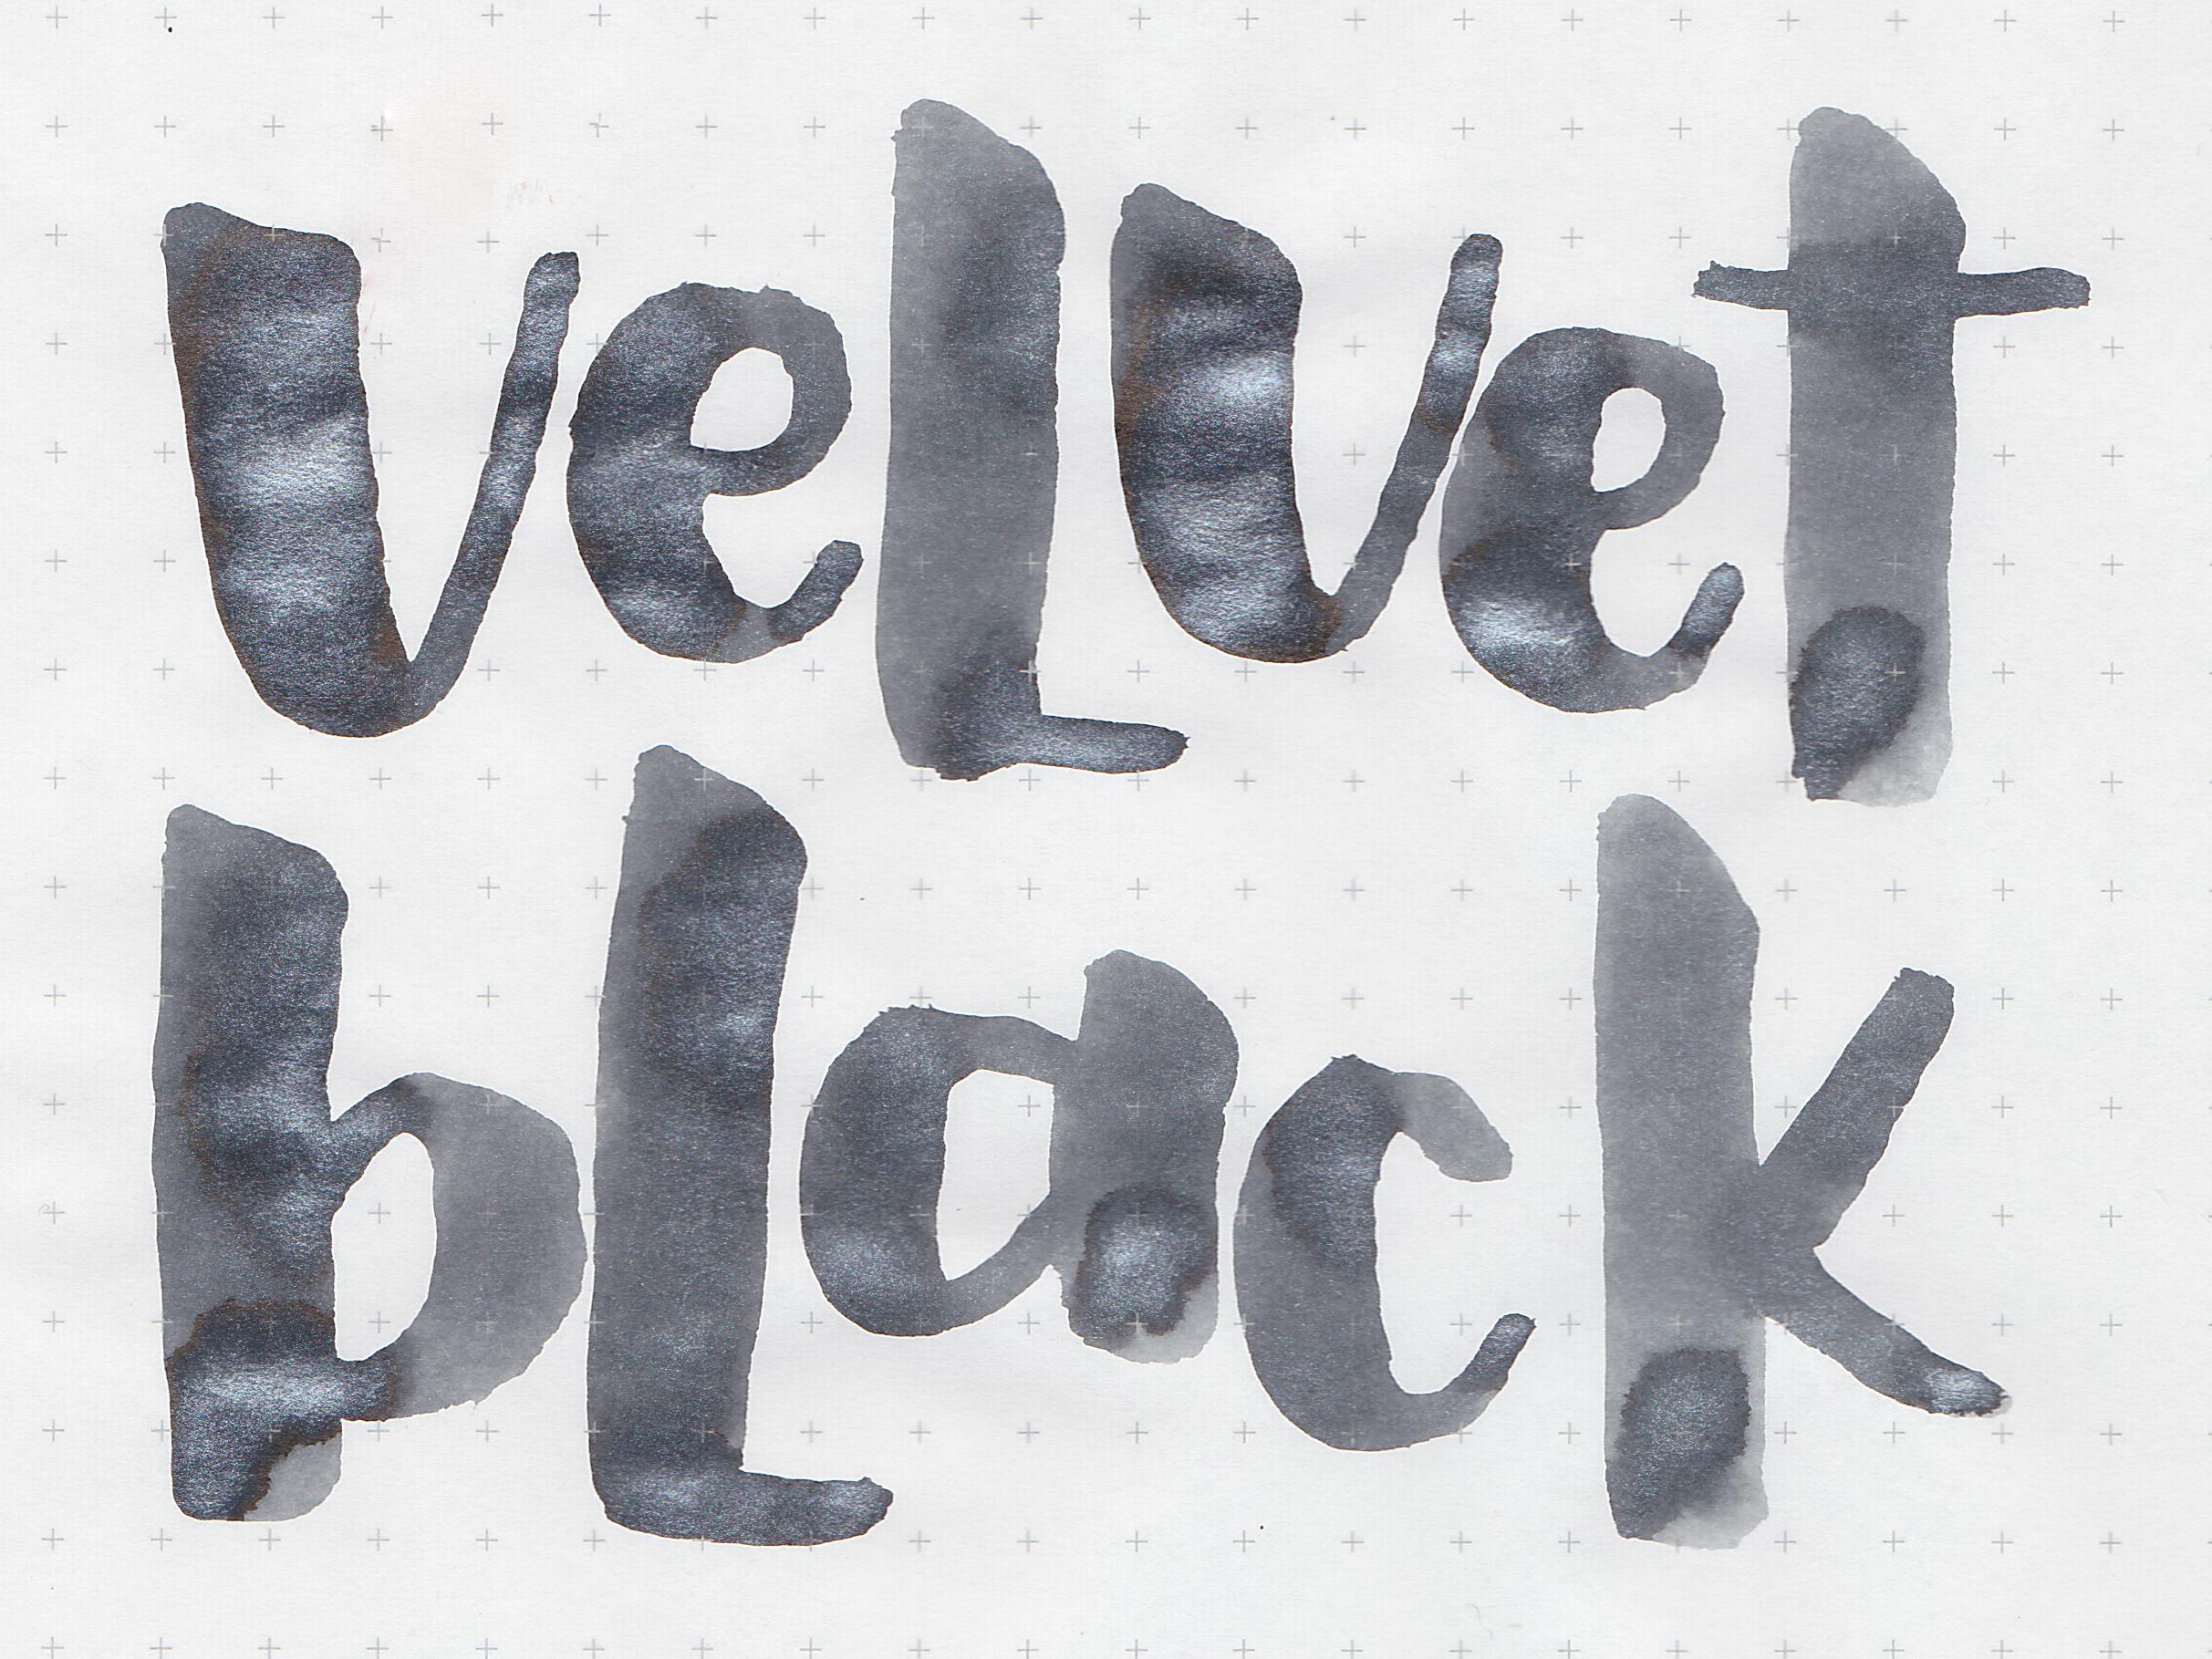 da-velvet-black-6.jpg